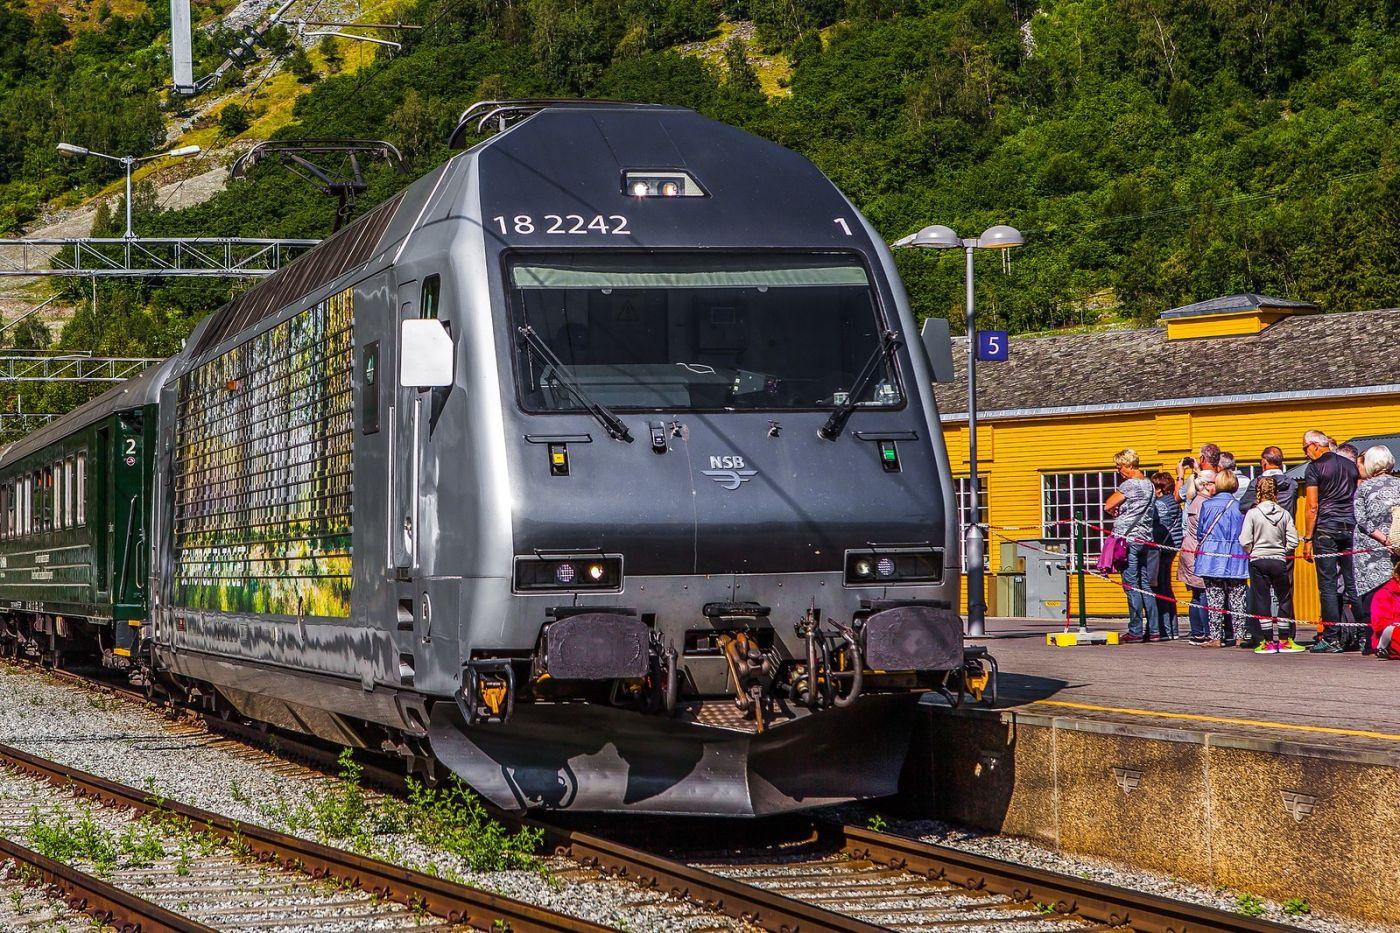 挪威弗拉姆铁路(Flam Railway),美丽的小站_图1-17